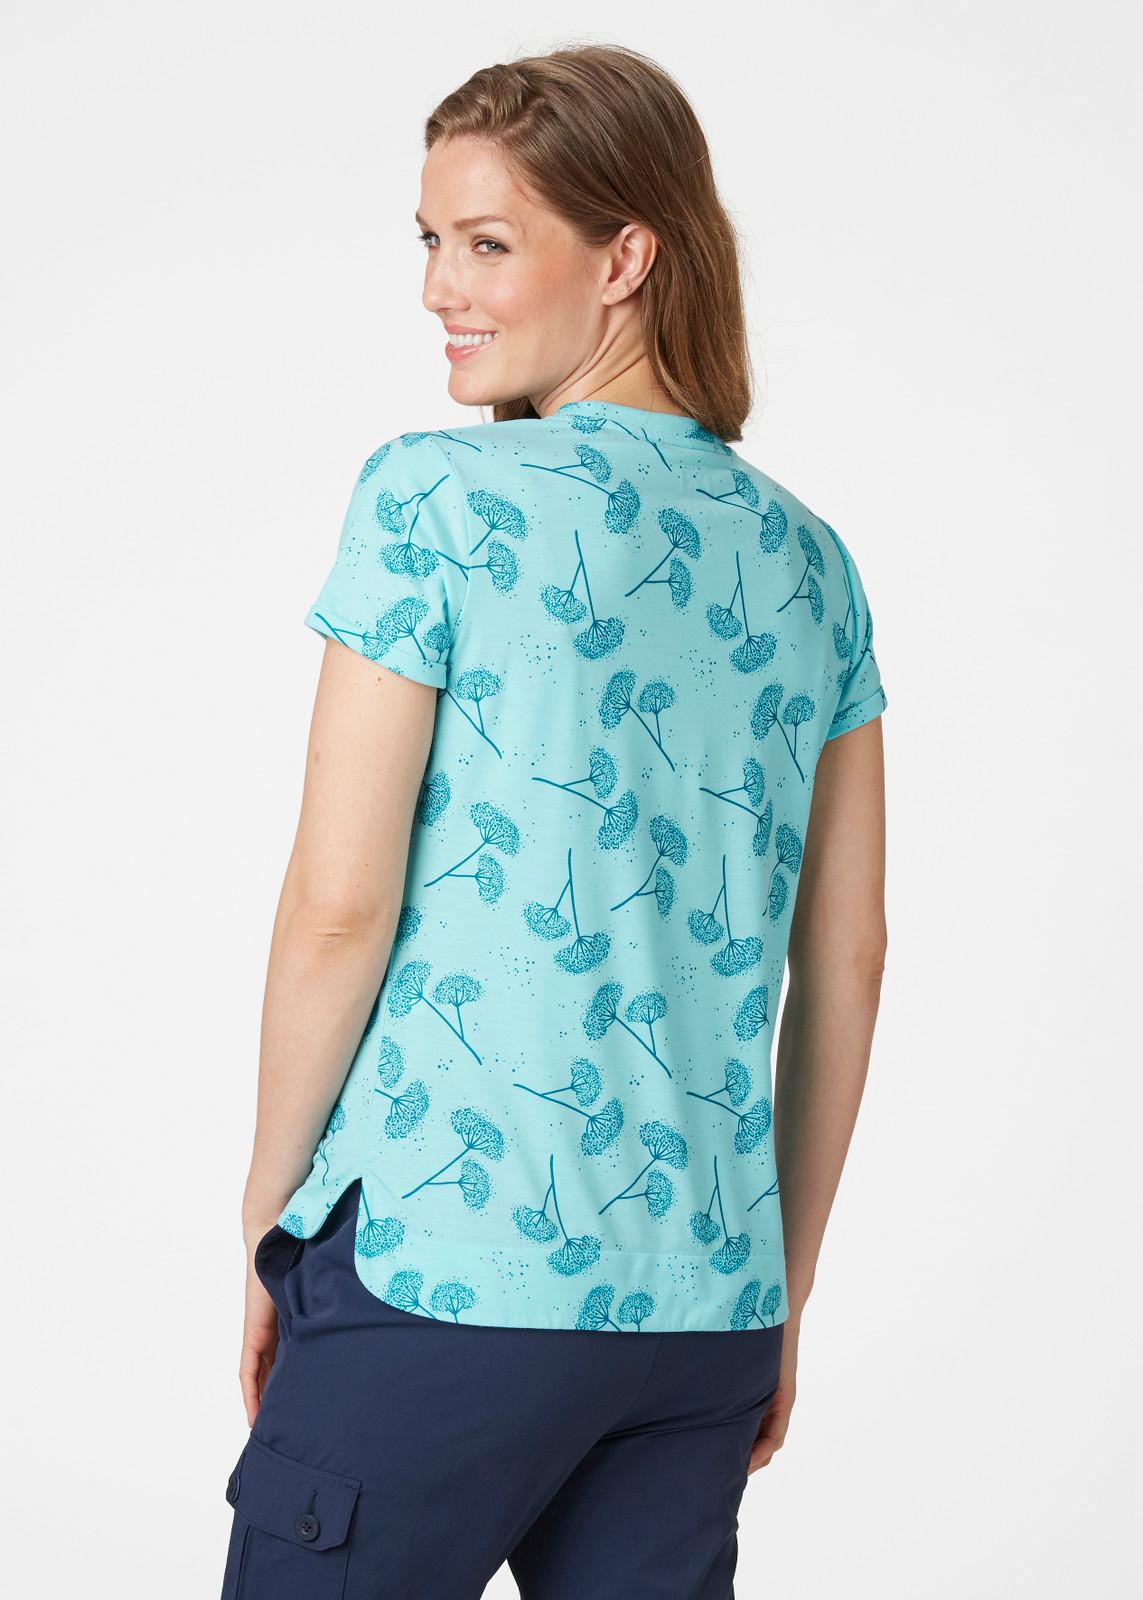 Helly Hansen Lomma T-Shirt, Women's - Glacier Blue, 62878-648